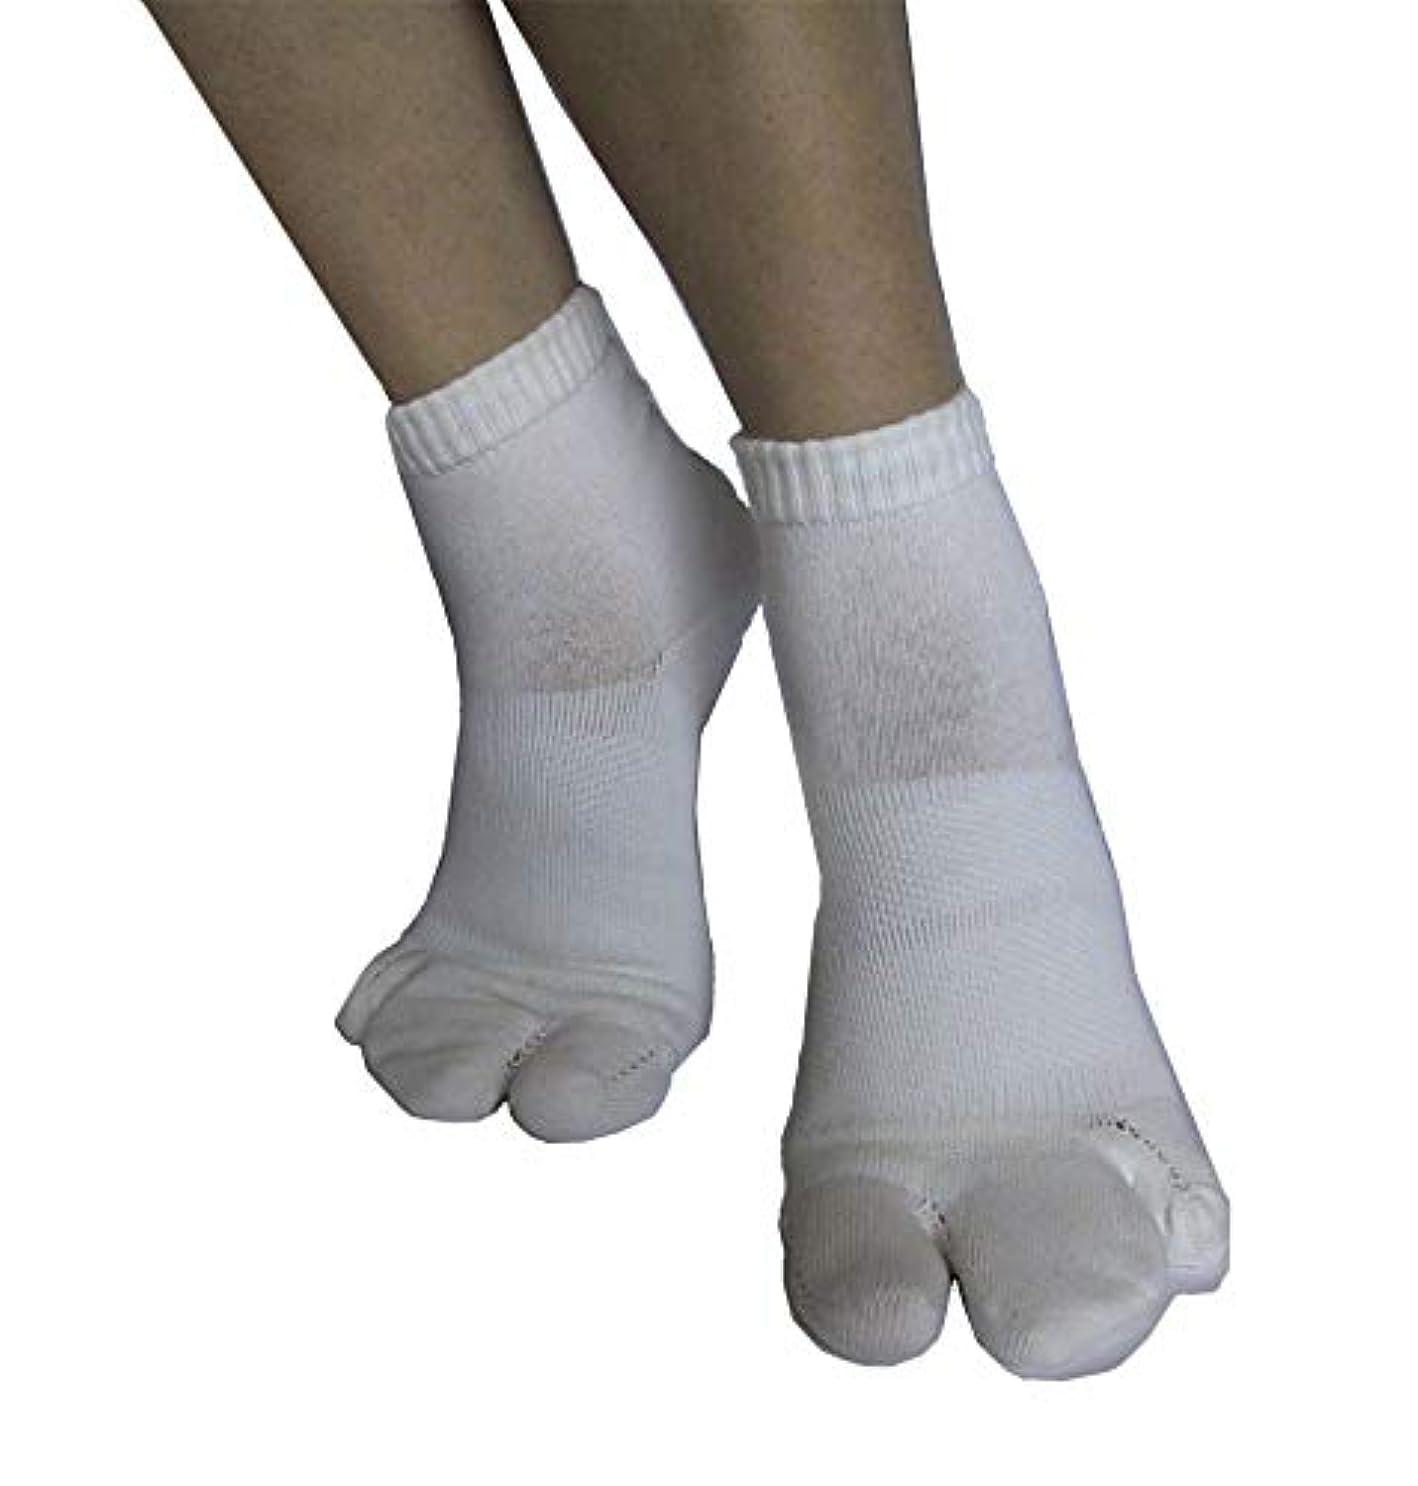 肉物足りない不一致カサハラ式サポーター ホソックス3本指テーピング靴下 ホワイトM 23.5-24.5cm